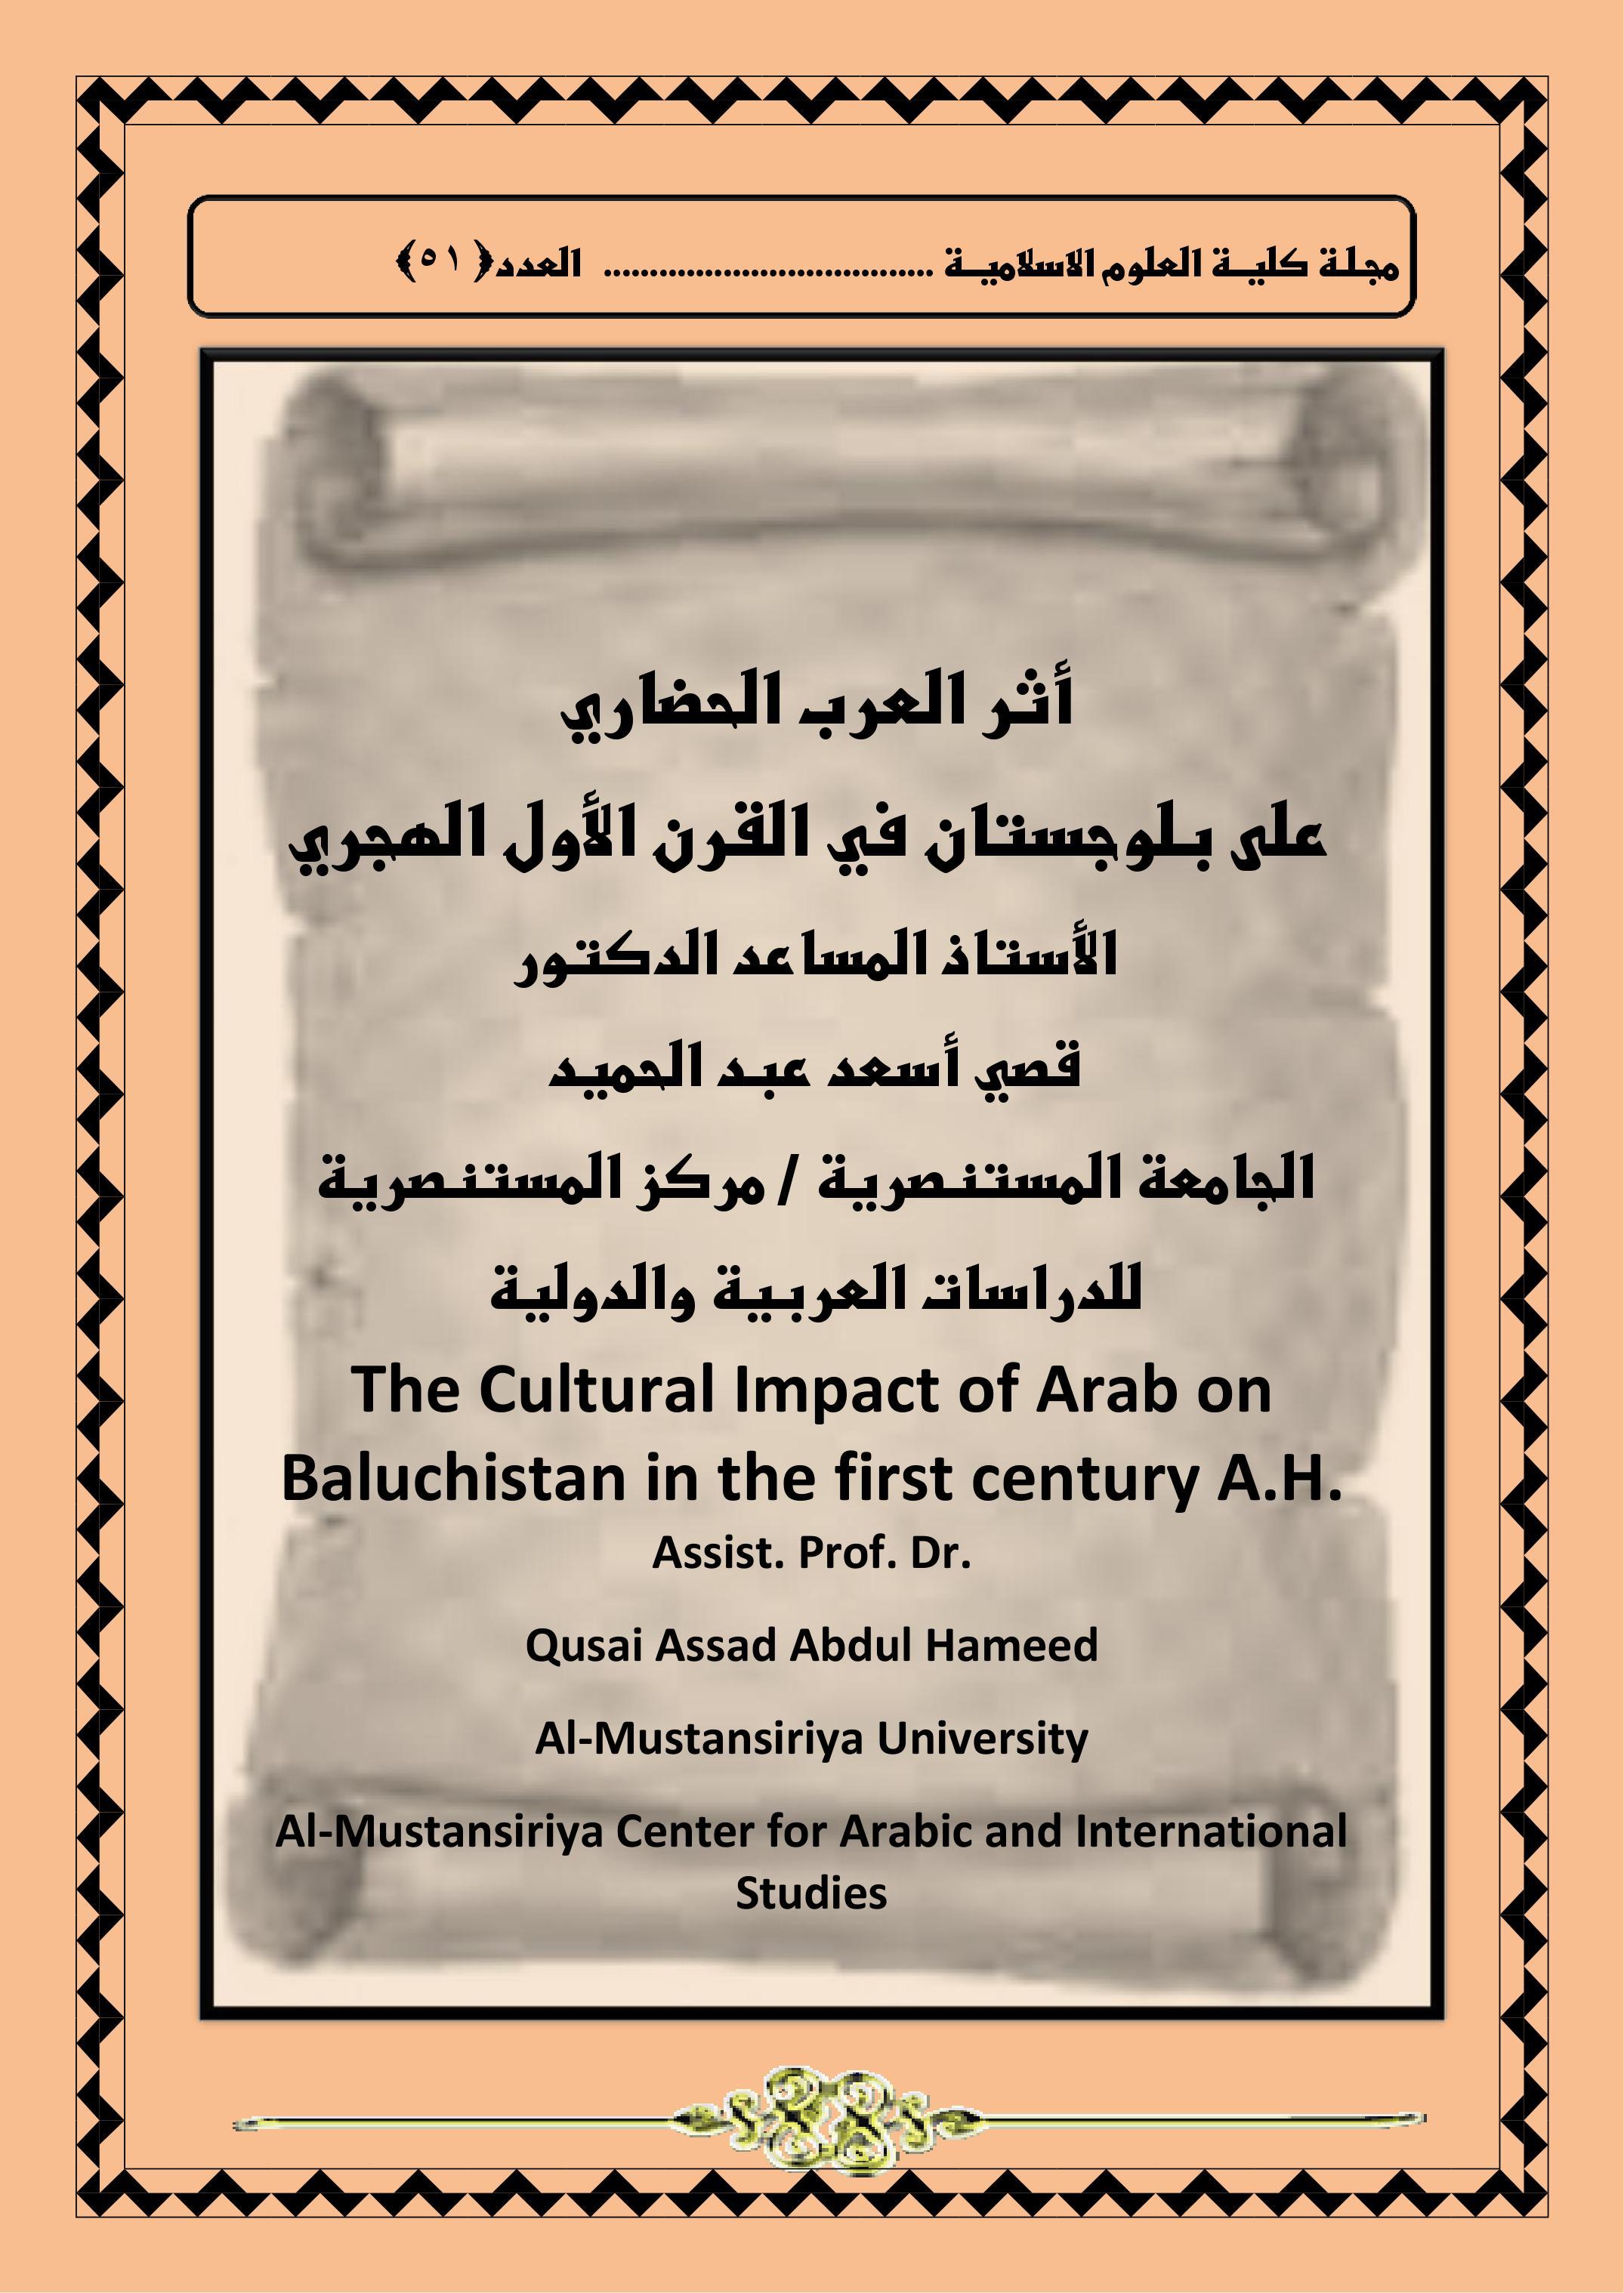 أثر العرب الحضاري  على بلوجستان في القرن الأول الهجري